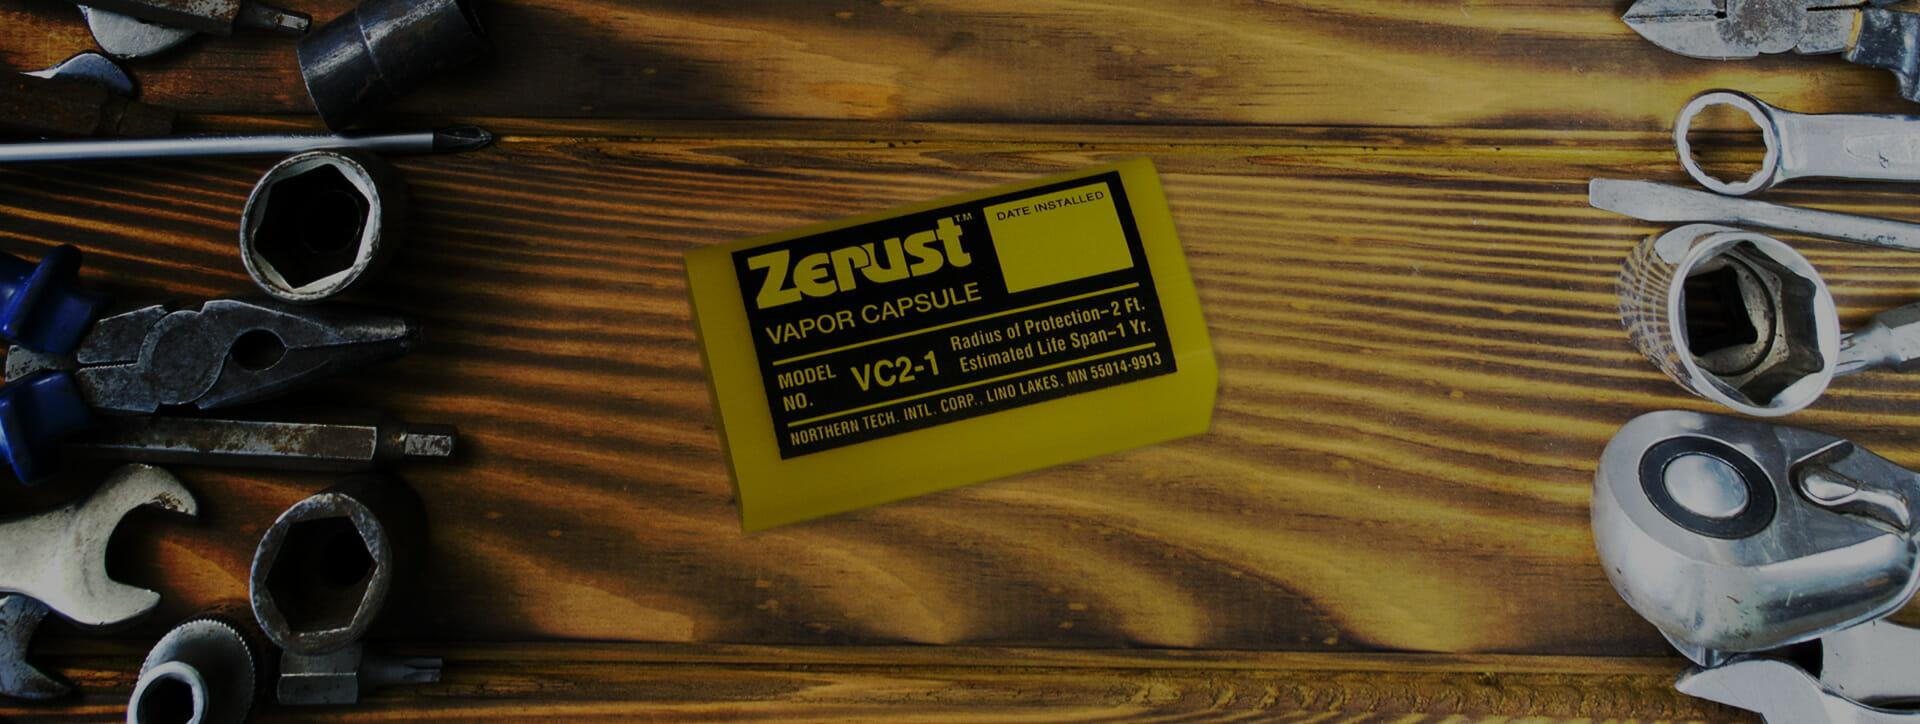 zerust vapor capsules